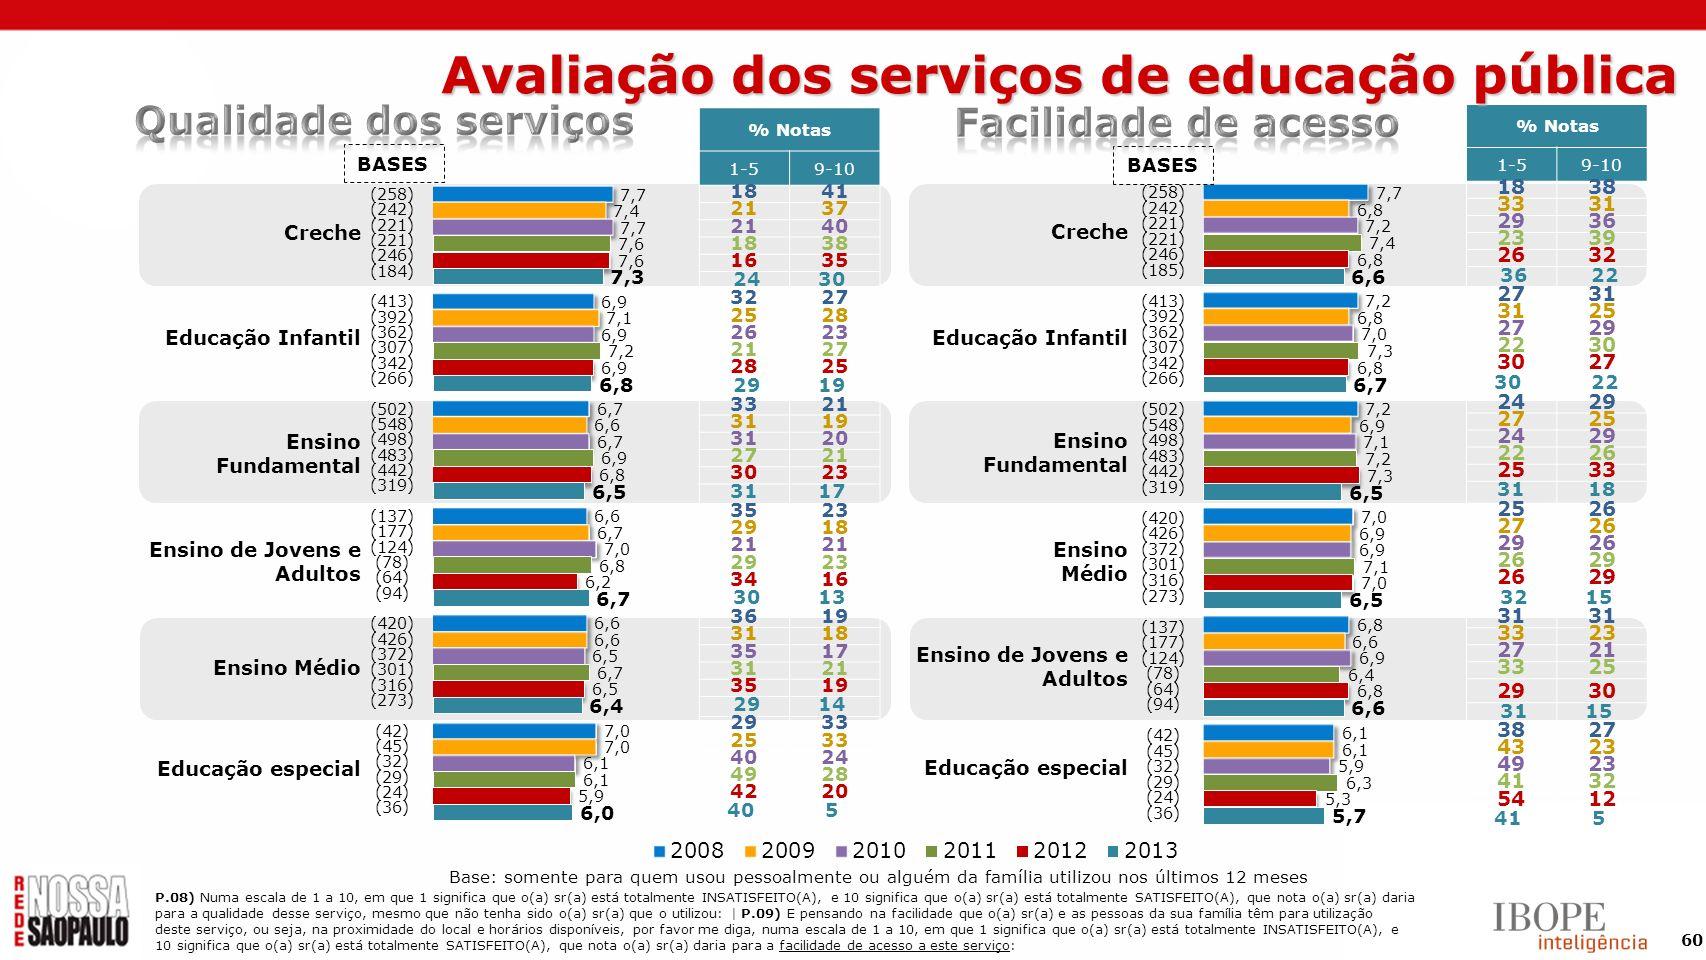 Avaliação dos serviços de educação pública